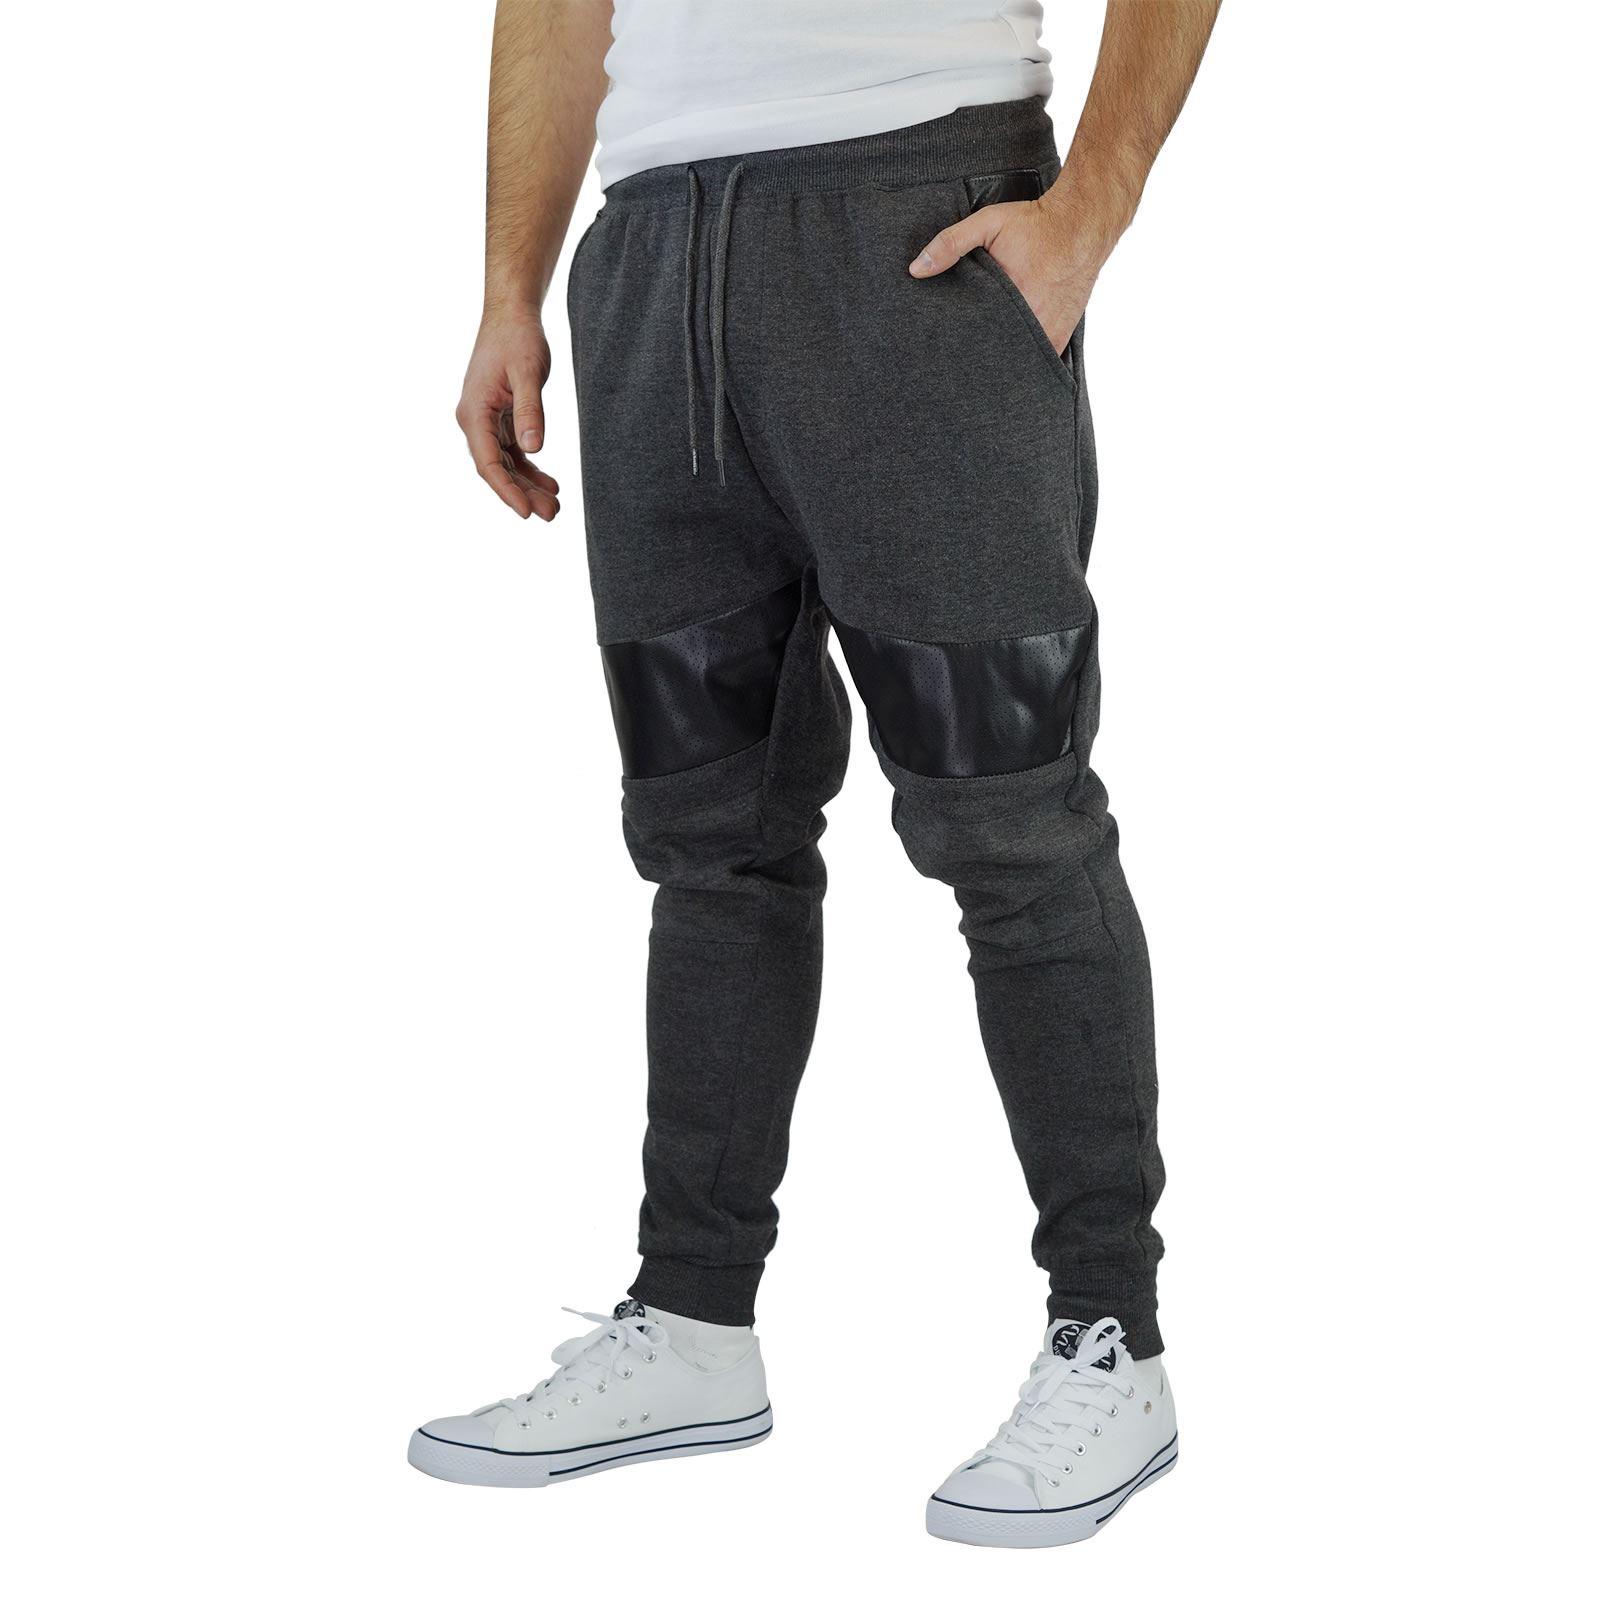 miniature 3 - Homme-Pantalon-De-Survetement-Brave-Soul-Sean-Slim-Motard-Panneau-Detail-Decontracte-Pantalon